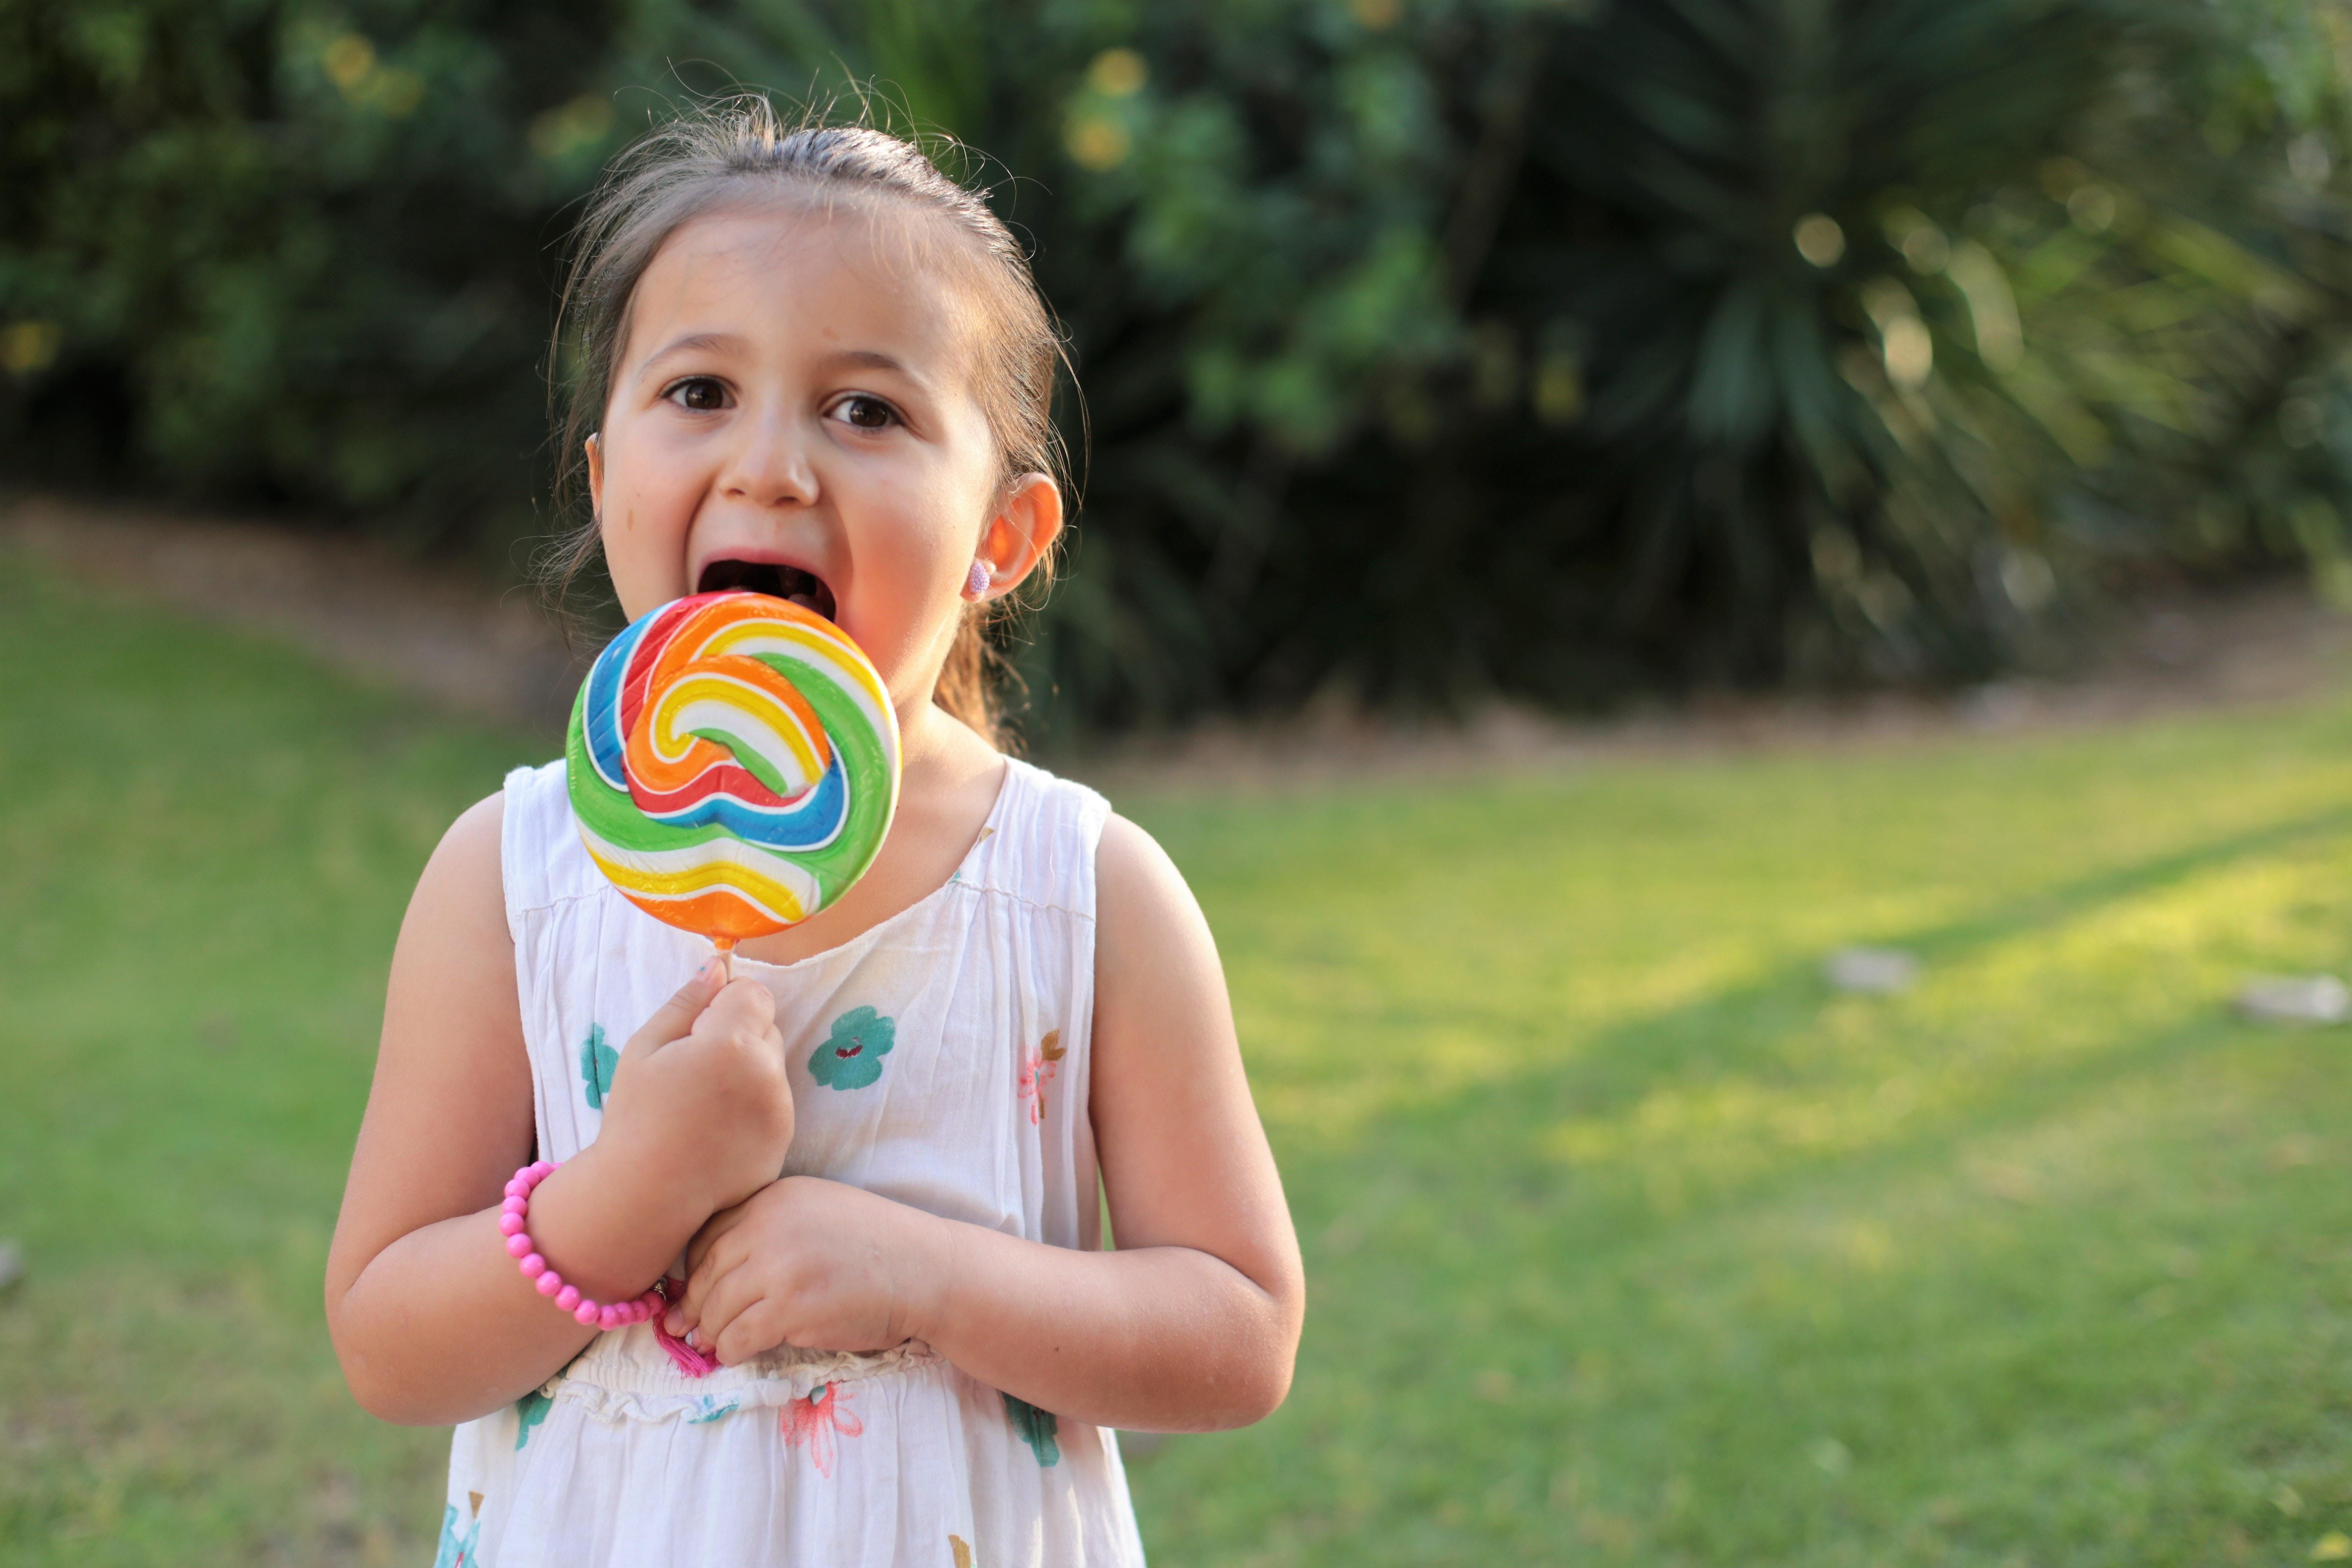 Køb billigt børnetøj fra Gymboree med SHopUSA